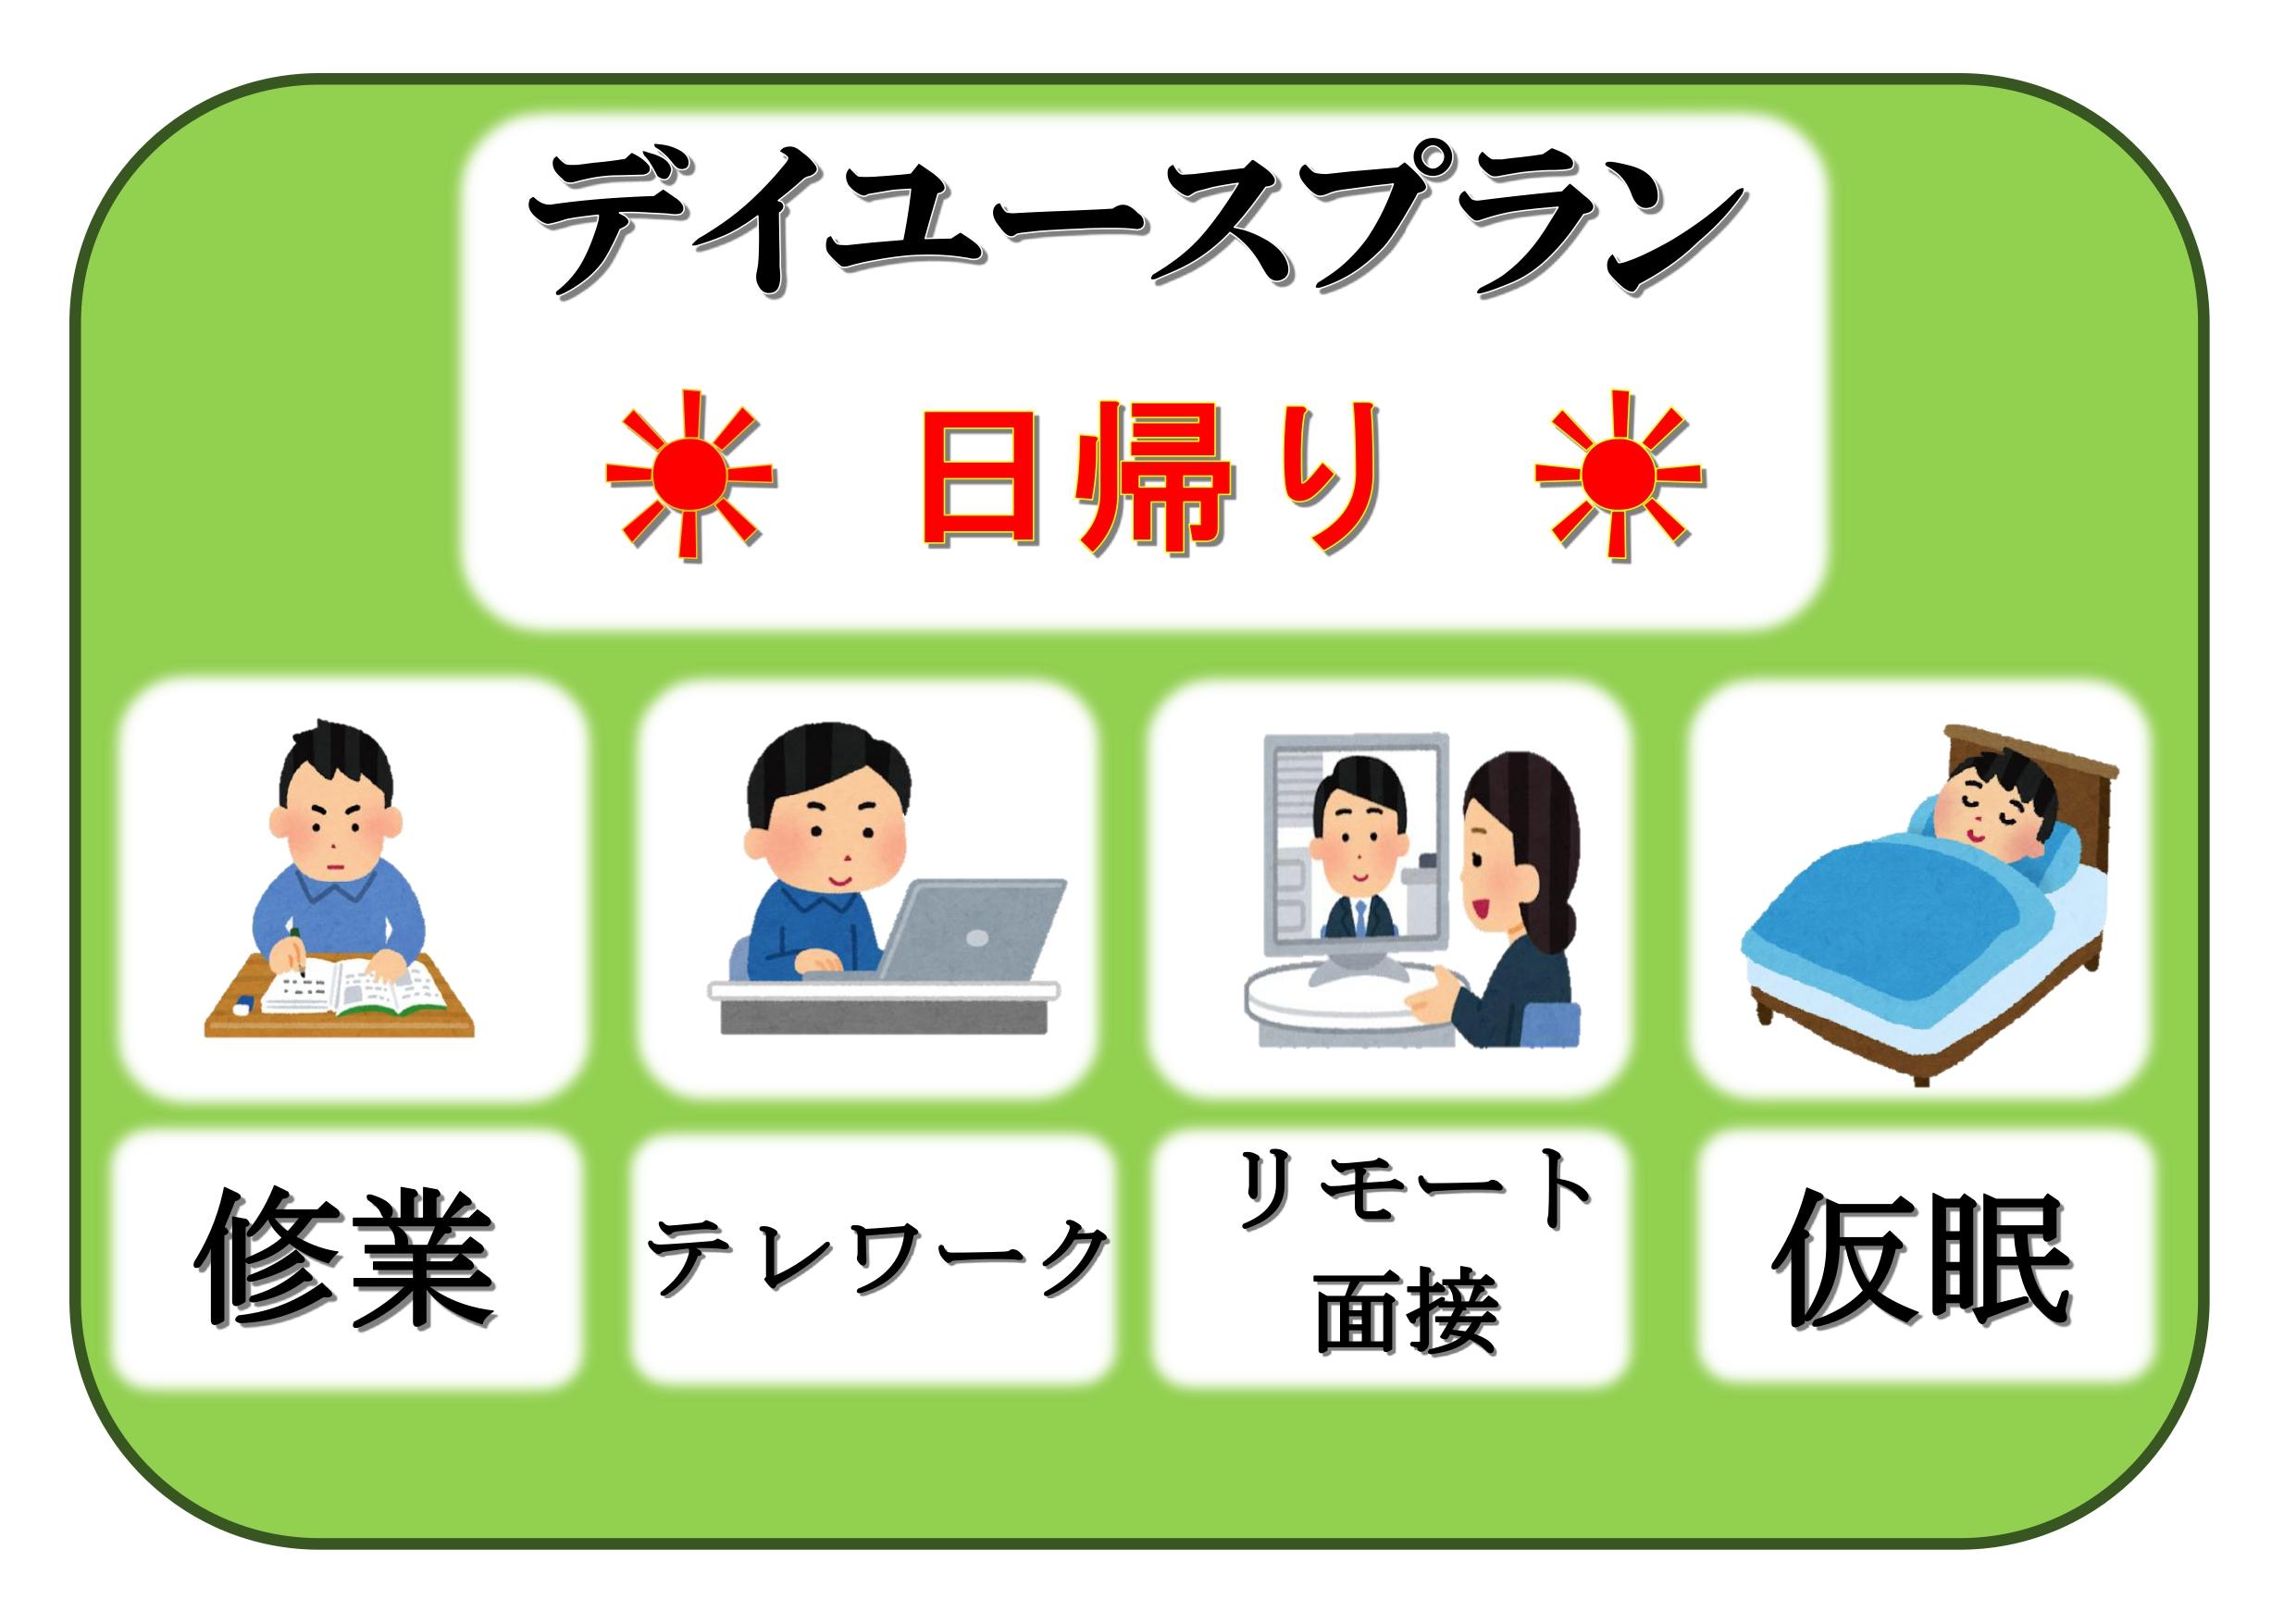 繝・う繝ヲ繝シ繧ケ縲€逵区攸_page-0001